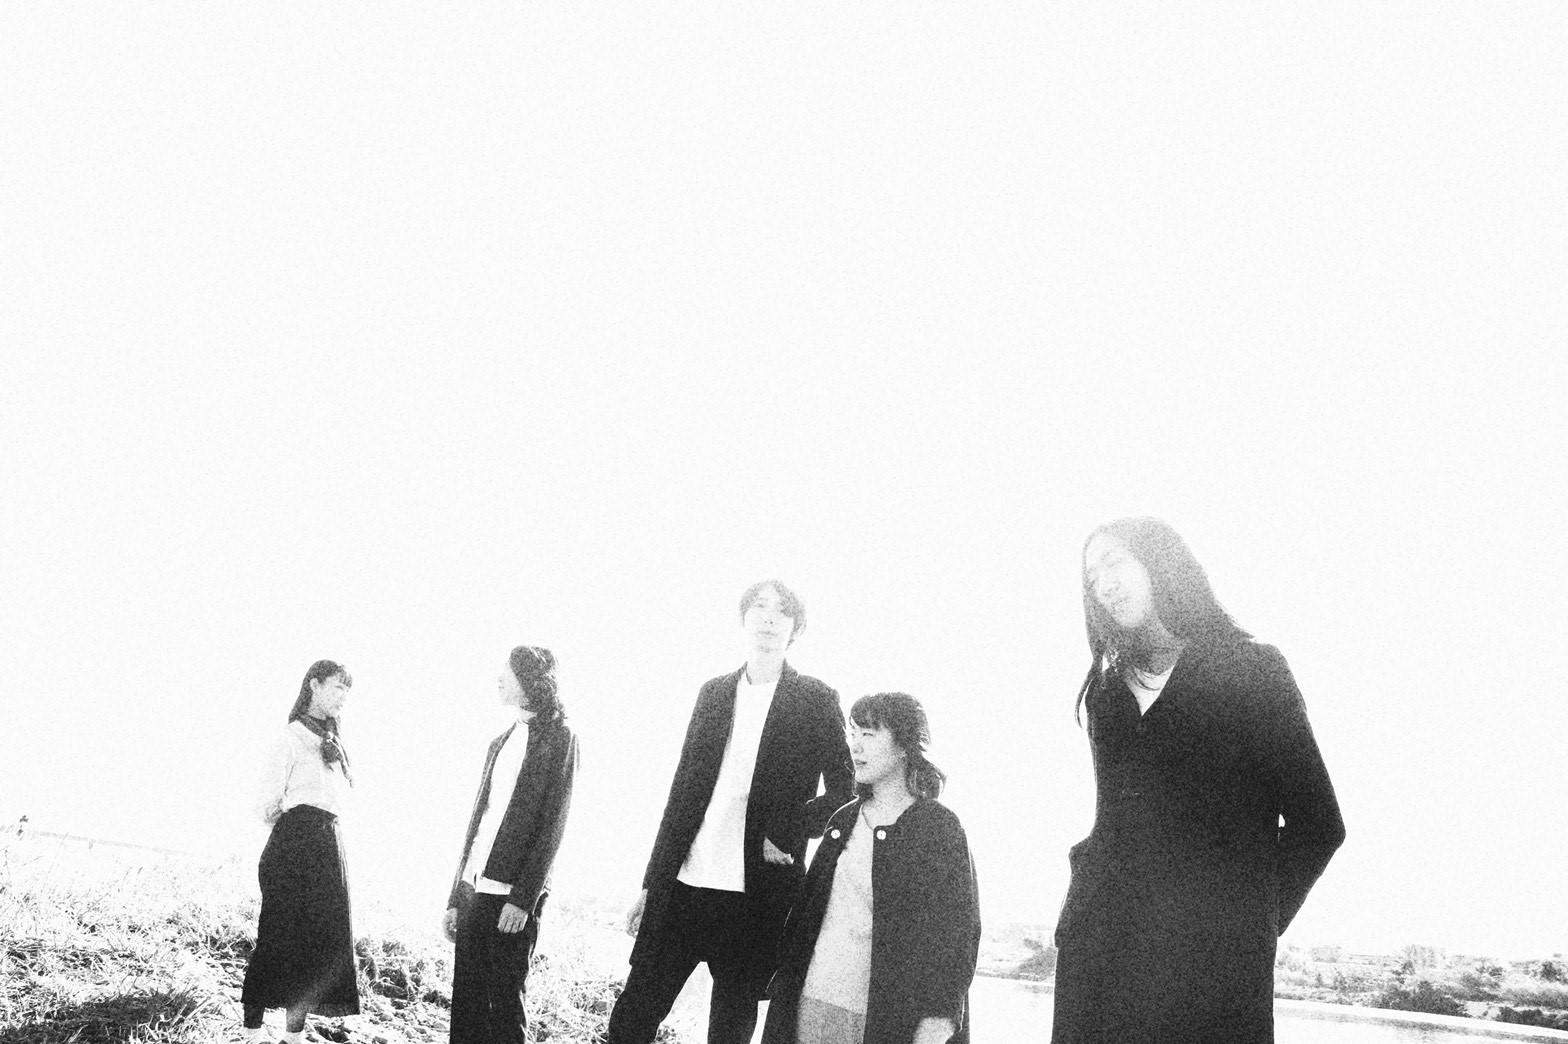 【注目の学生アーティスト】男女5人組シューゲイザーバンド・sinker